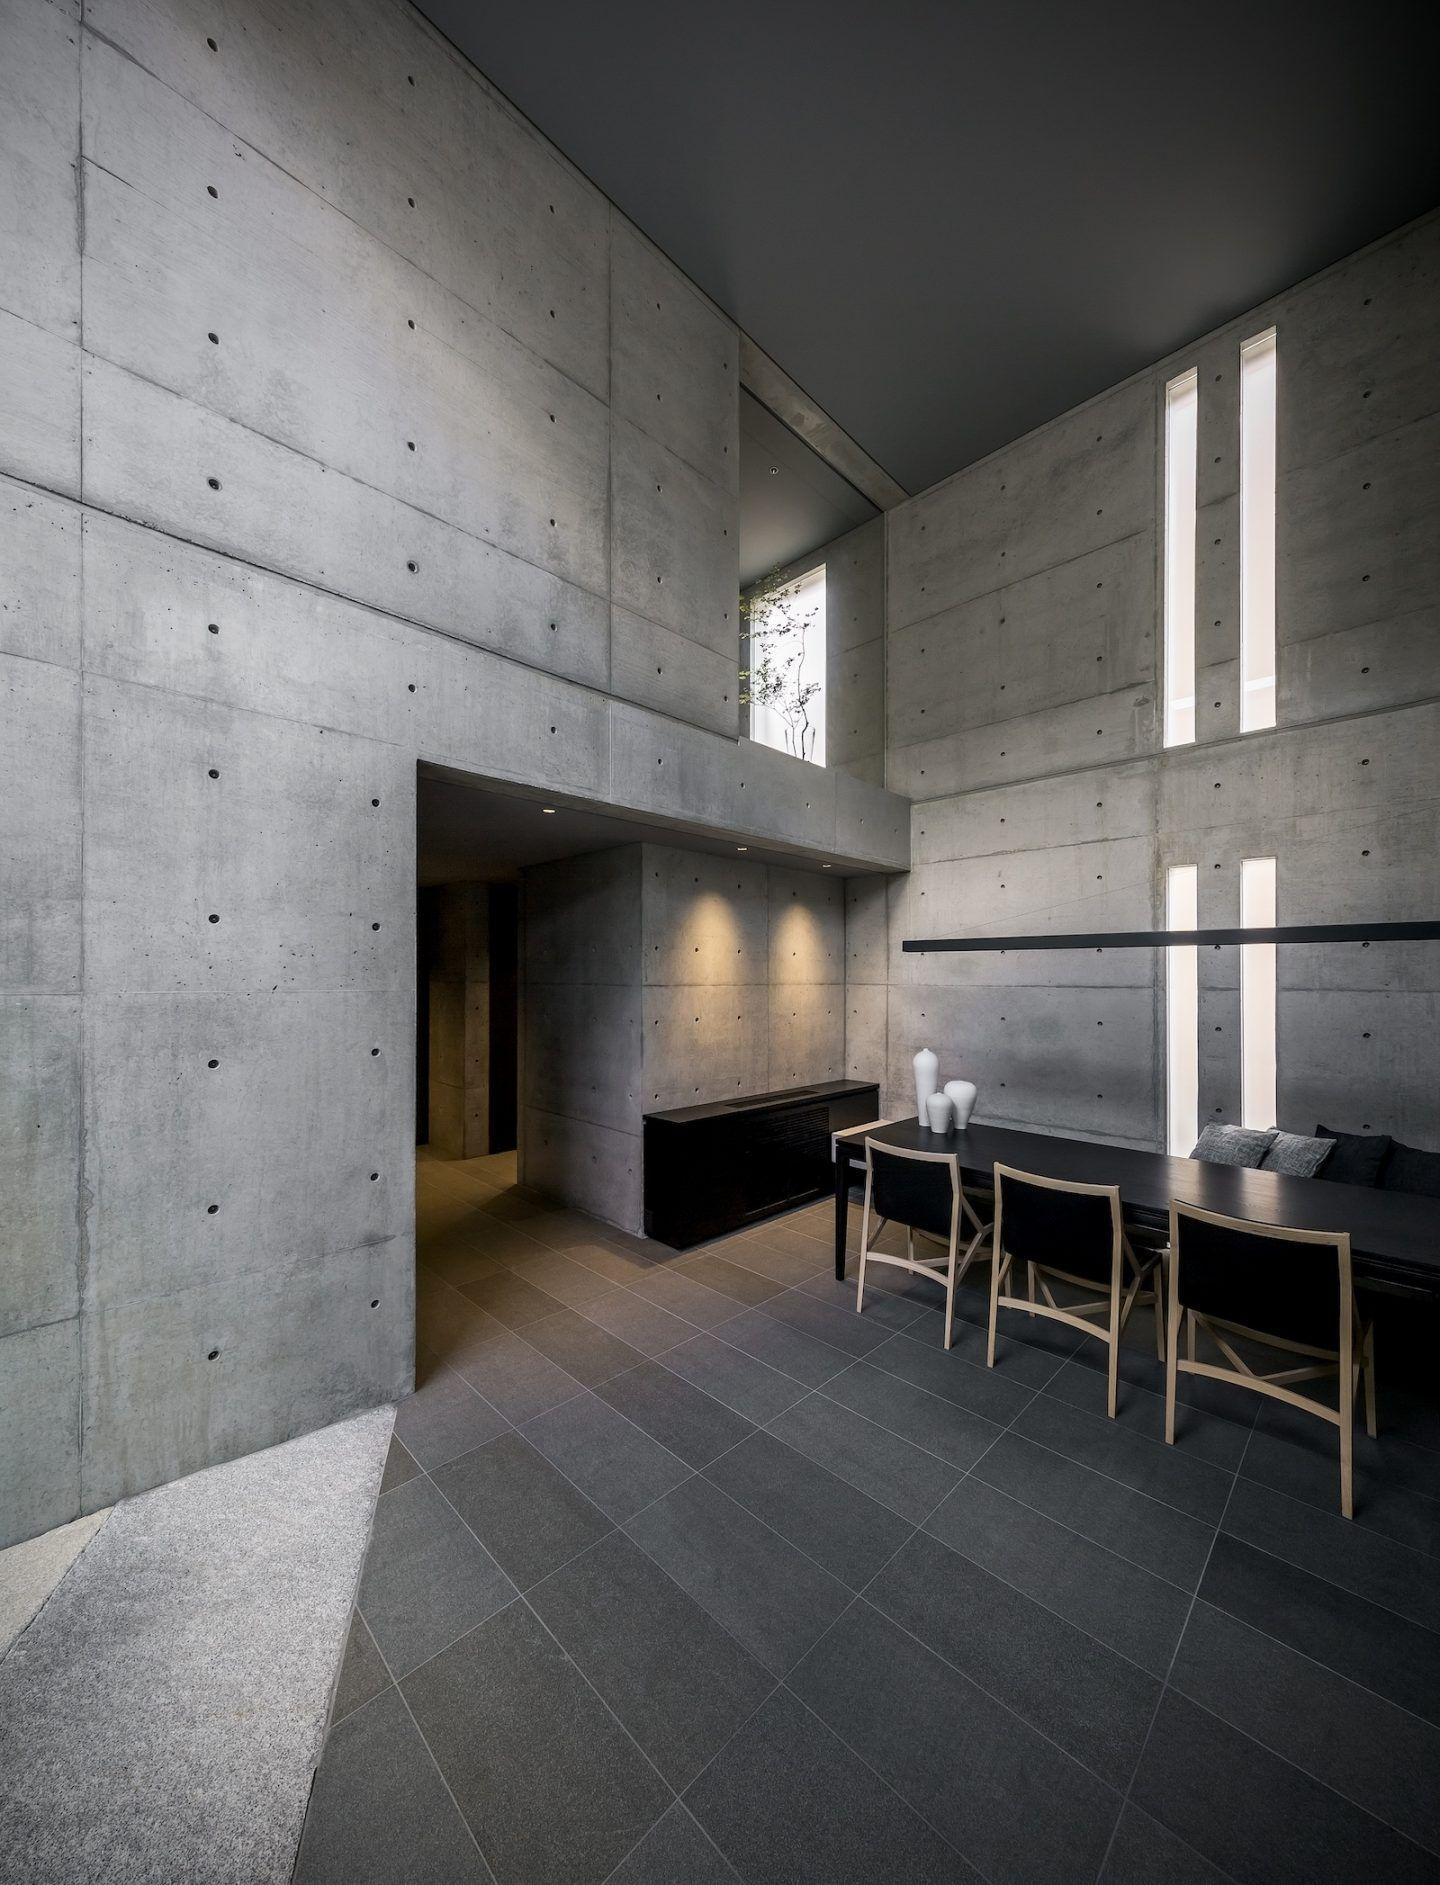 IGNANT-Architecture-Gosize-F-Residence-03